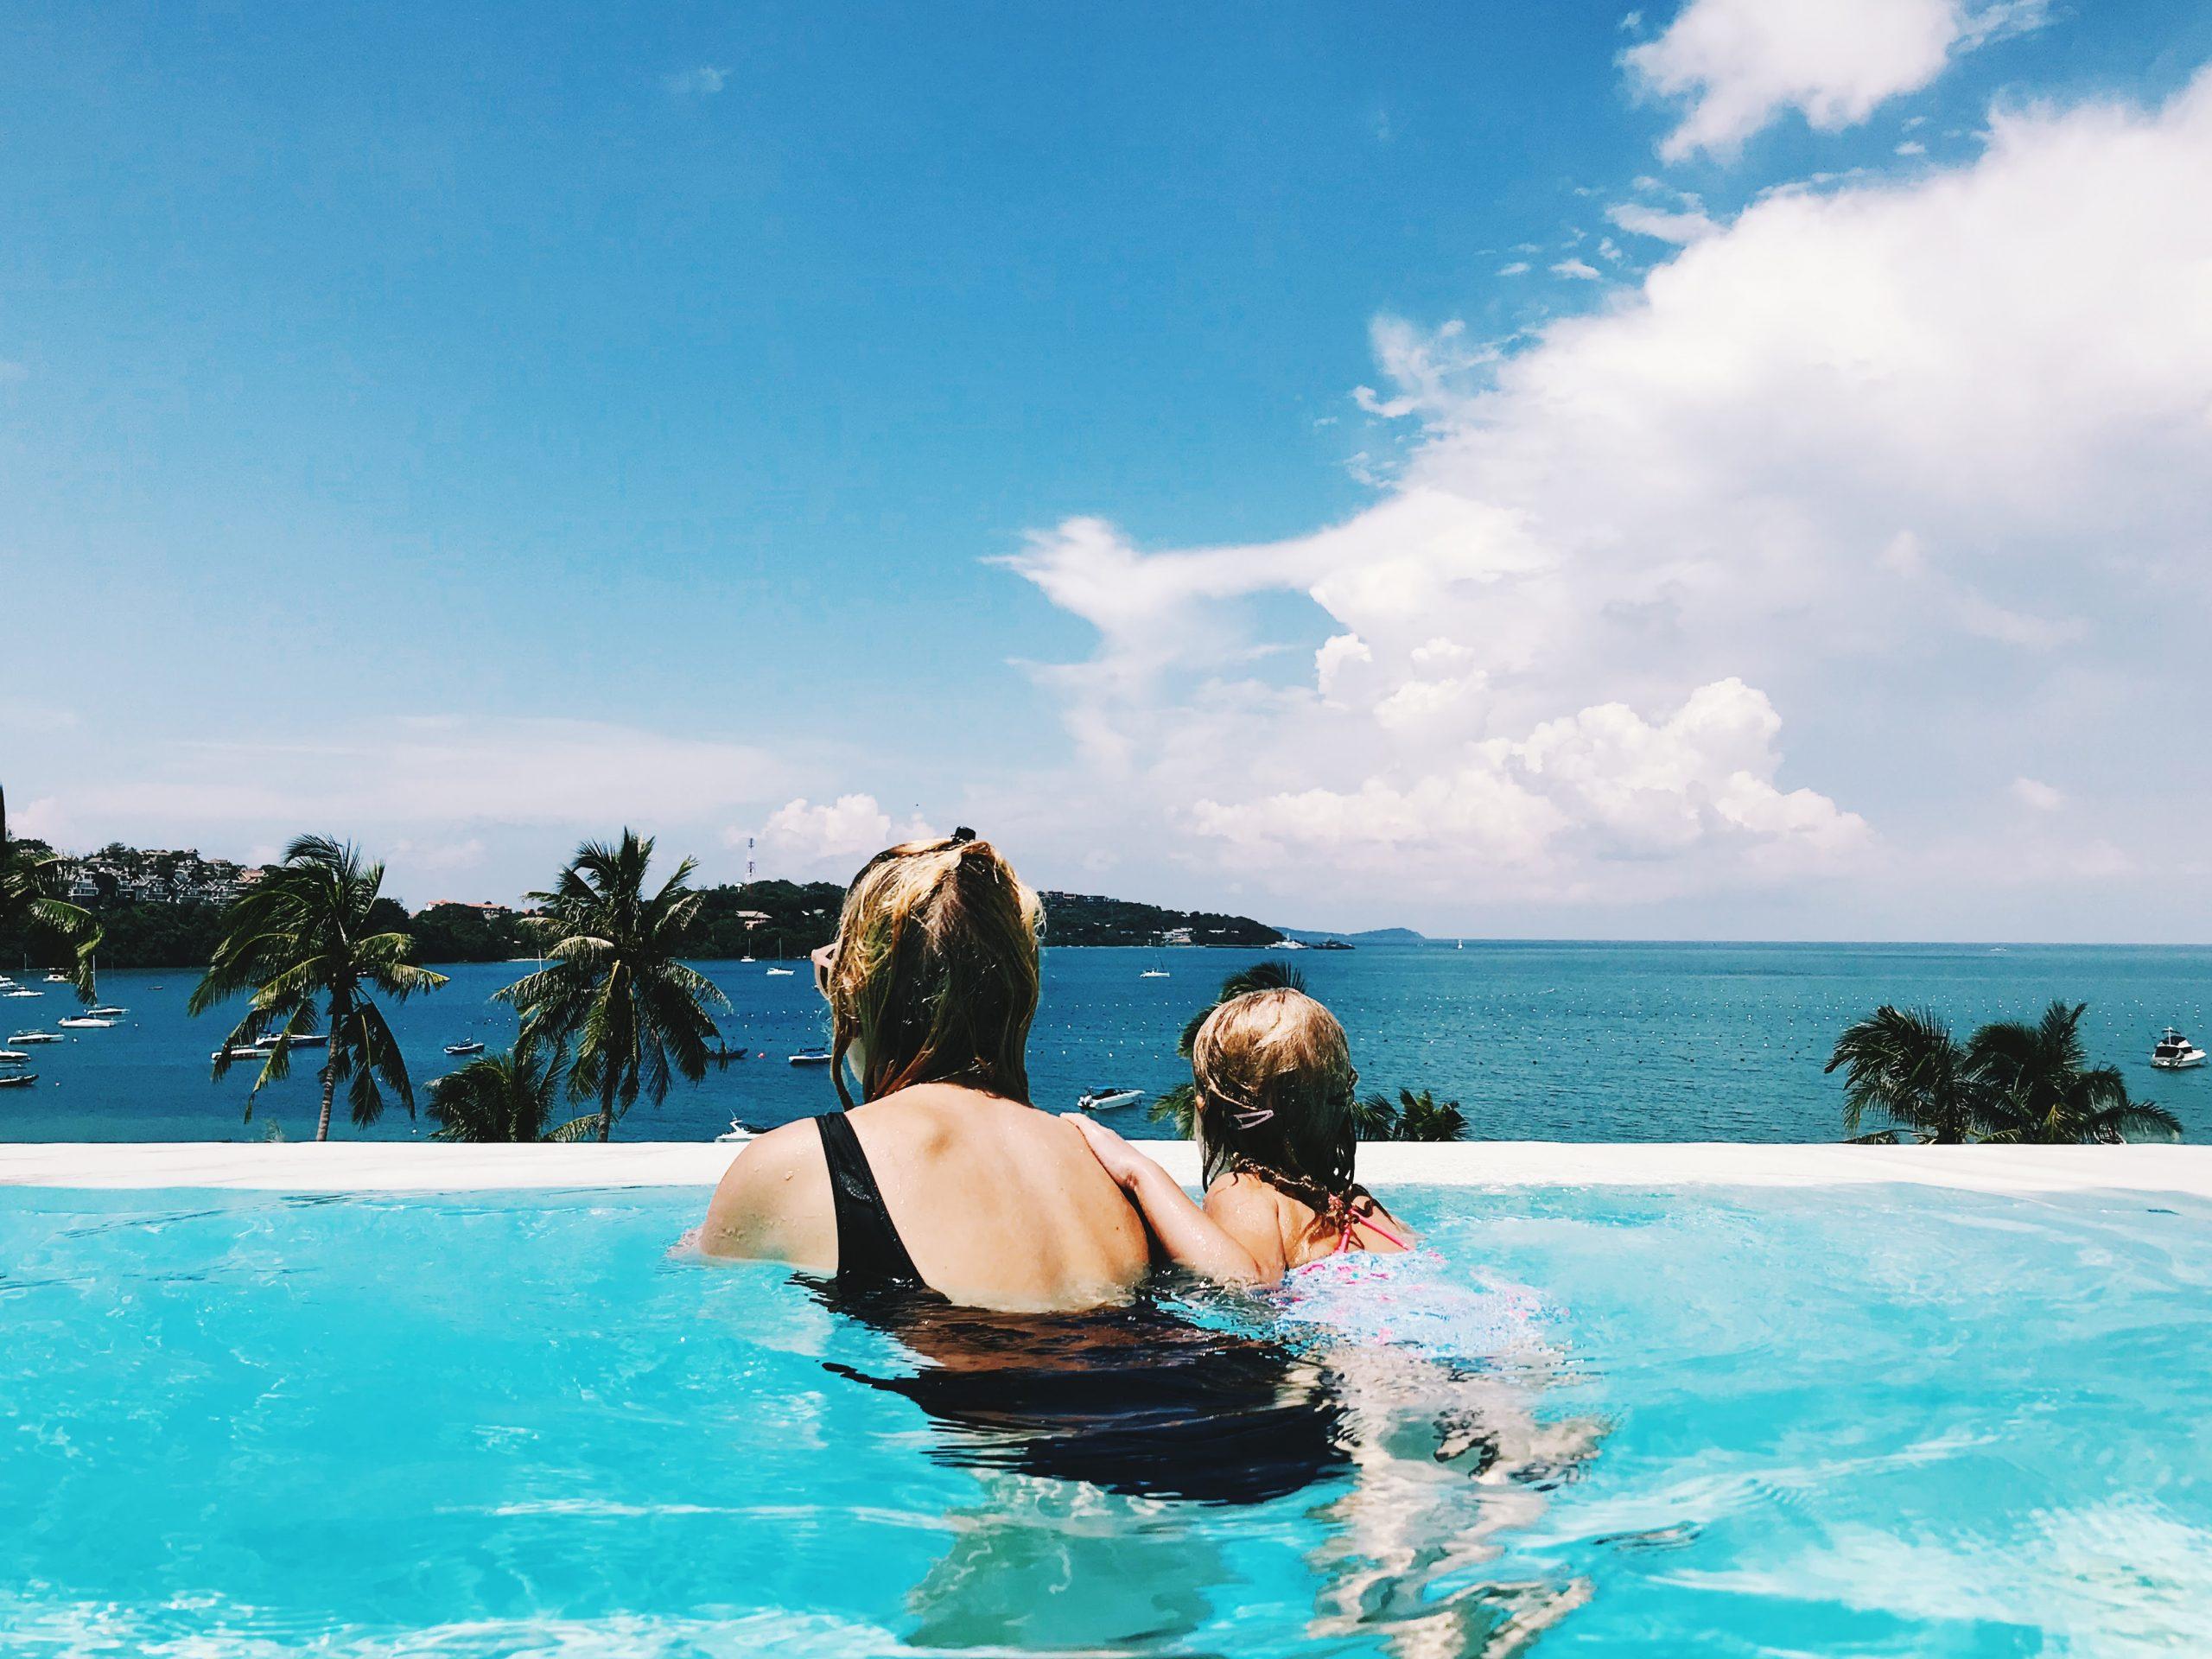 In vacanza con i bambini: ecco qualche utili consiglio thumbnail